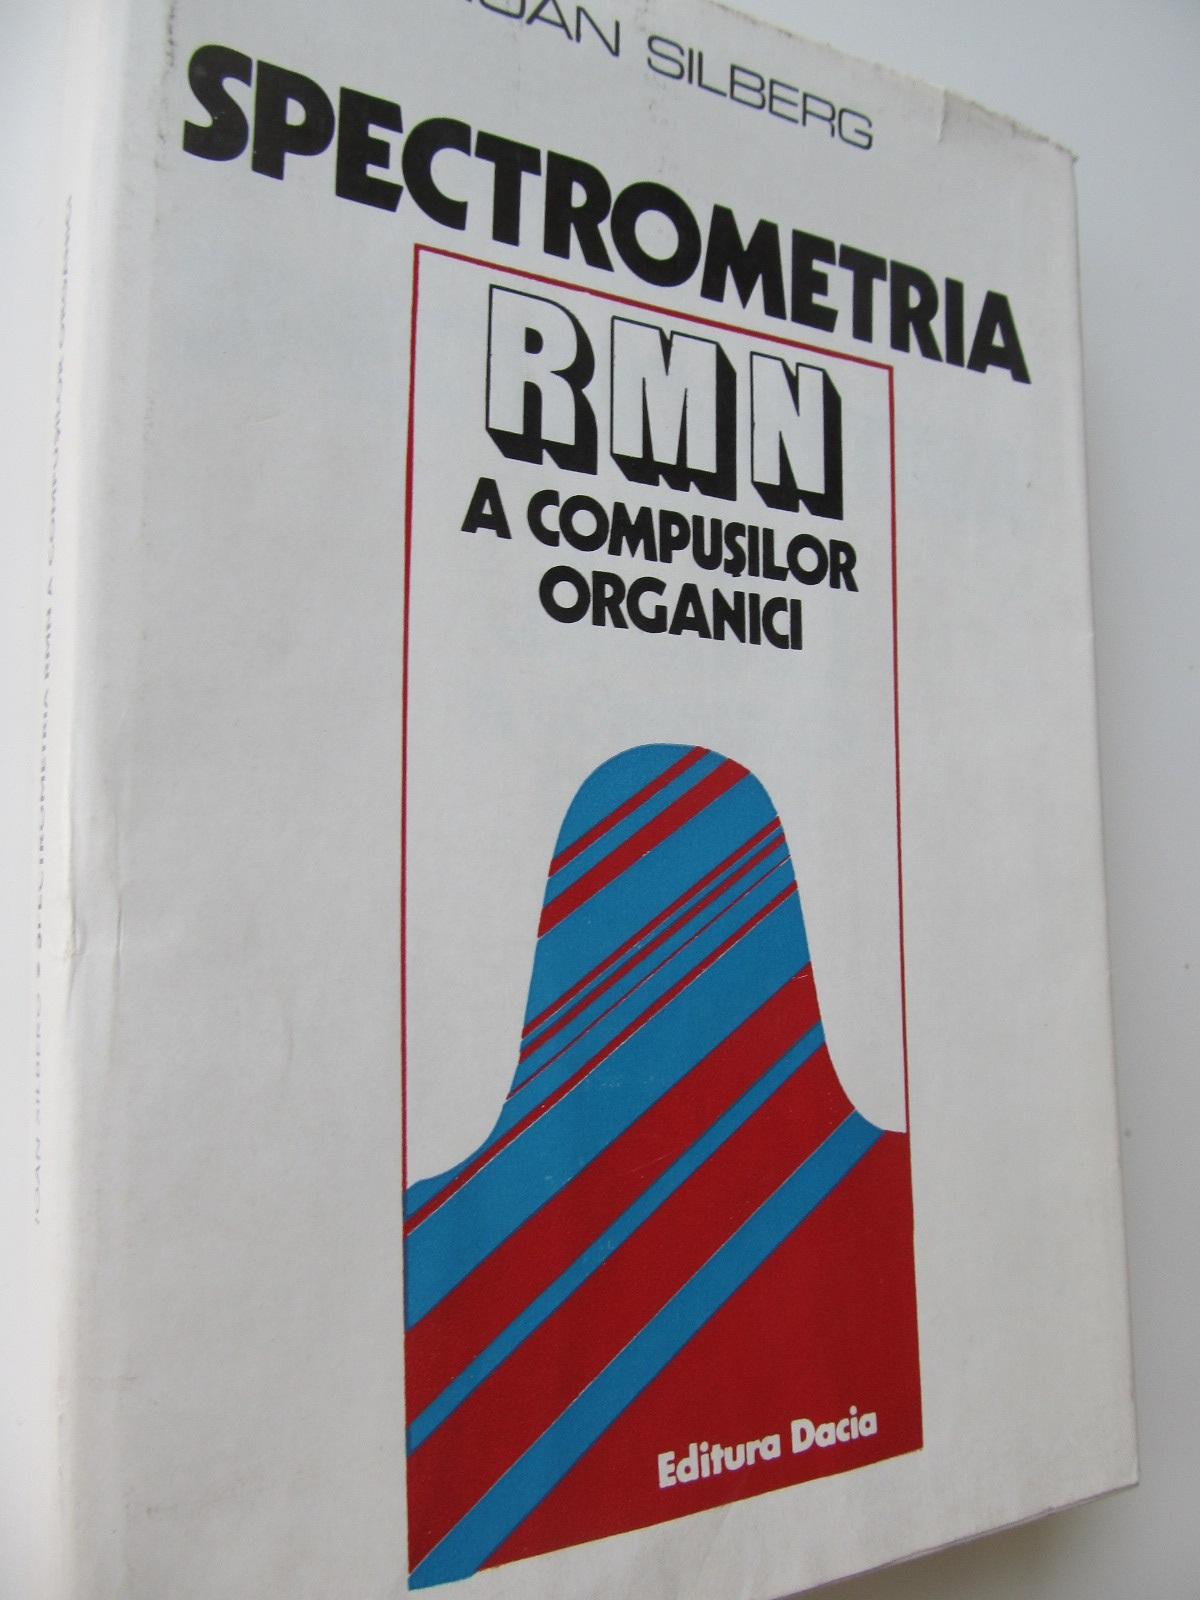 Spectrometria RMN a compusilor organici - Ioan Silberg | Detalii carte